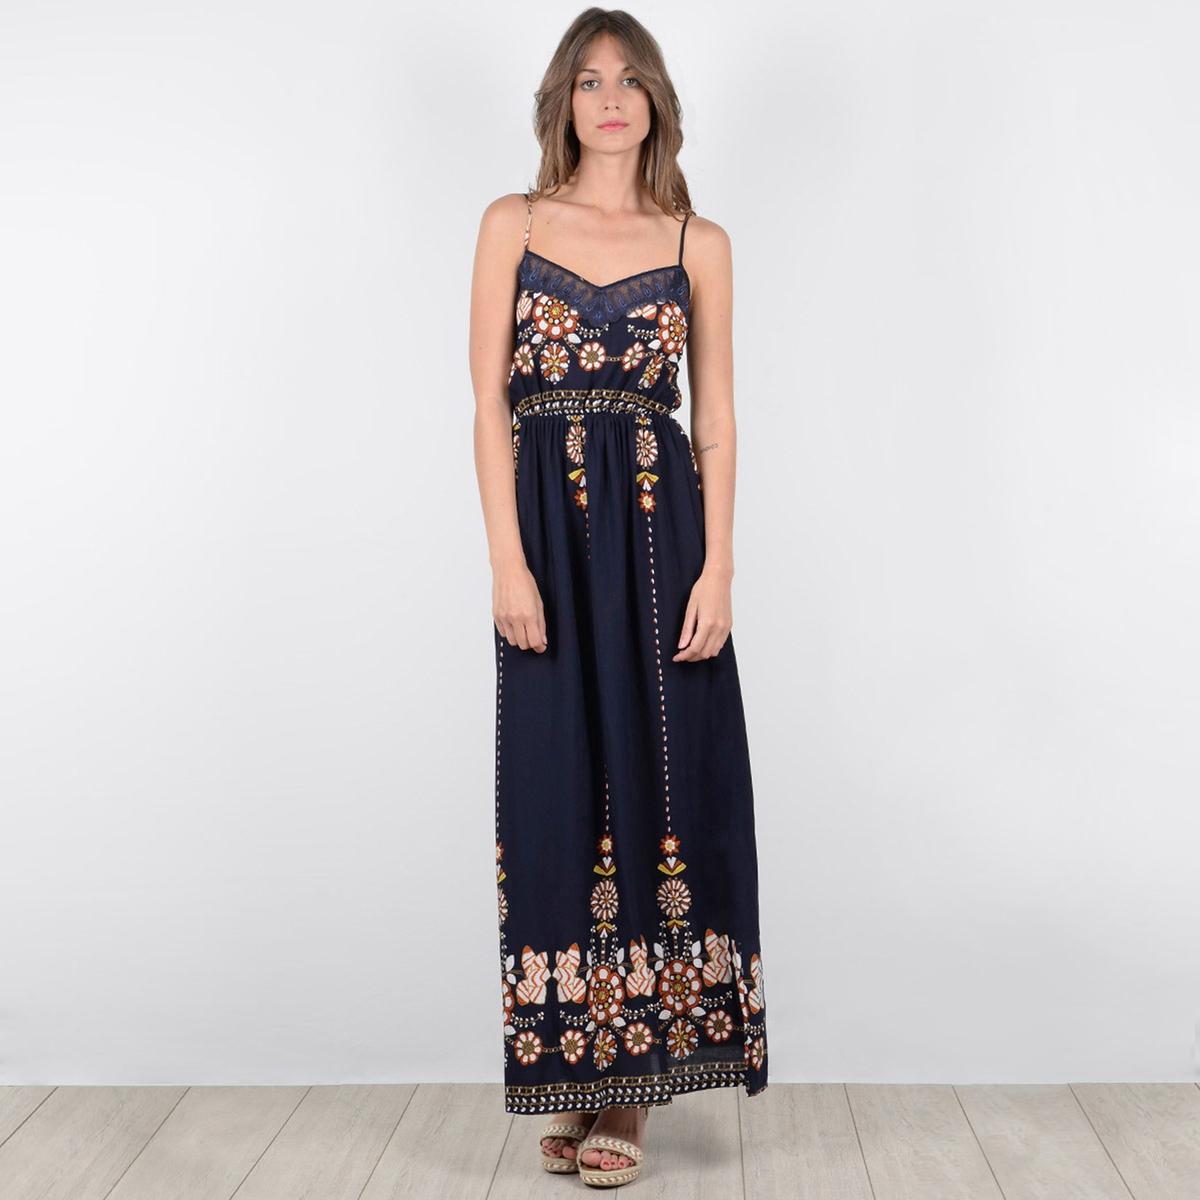 Платье расклешённое, длинное, с этническим рисунком